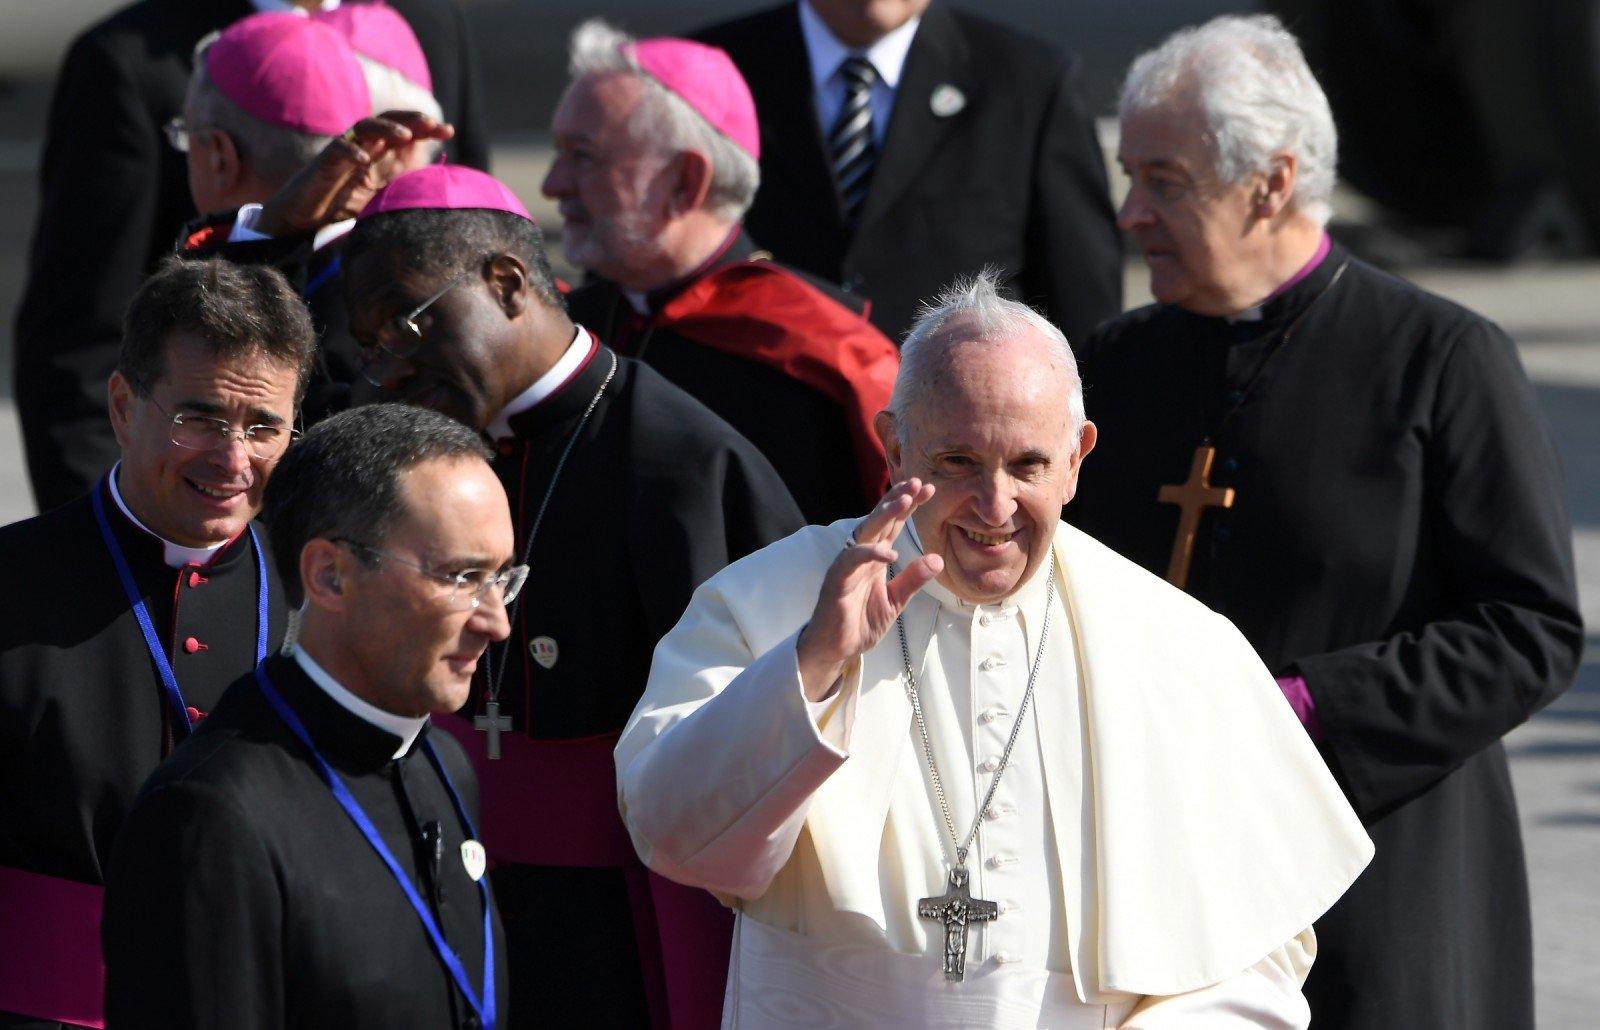 На встречу с Папой в Каунасе выдано 90 000 приглашений